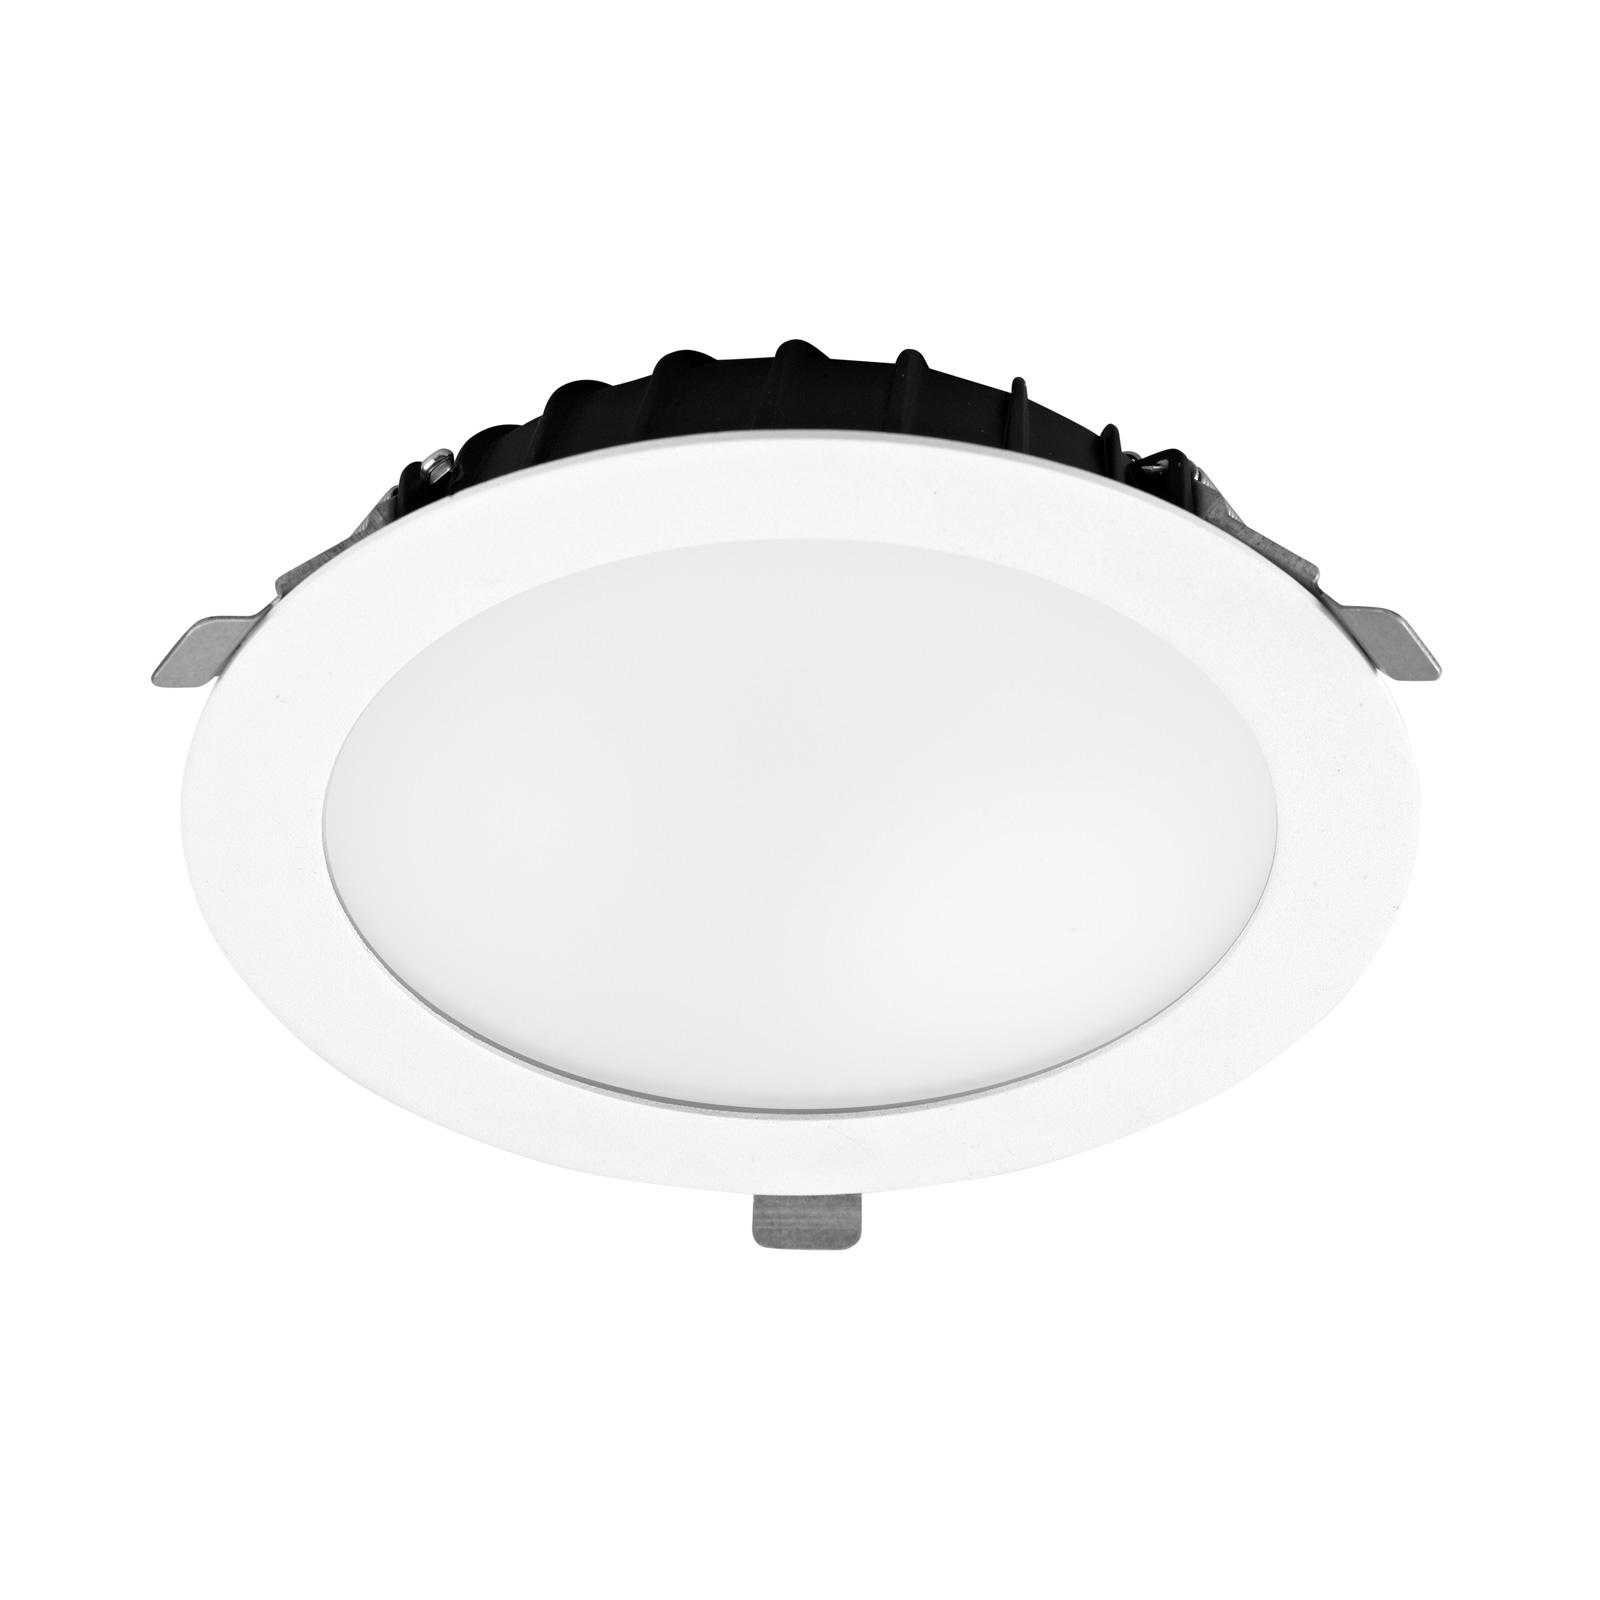 LEDS-C4 Vol plafonnier encastré Ø 20,5cm 3000K